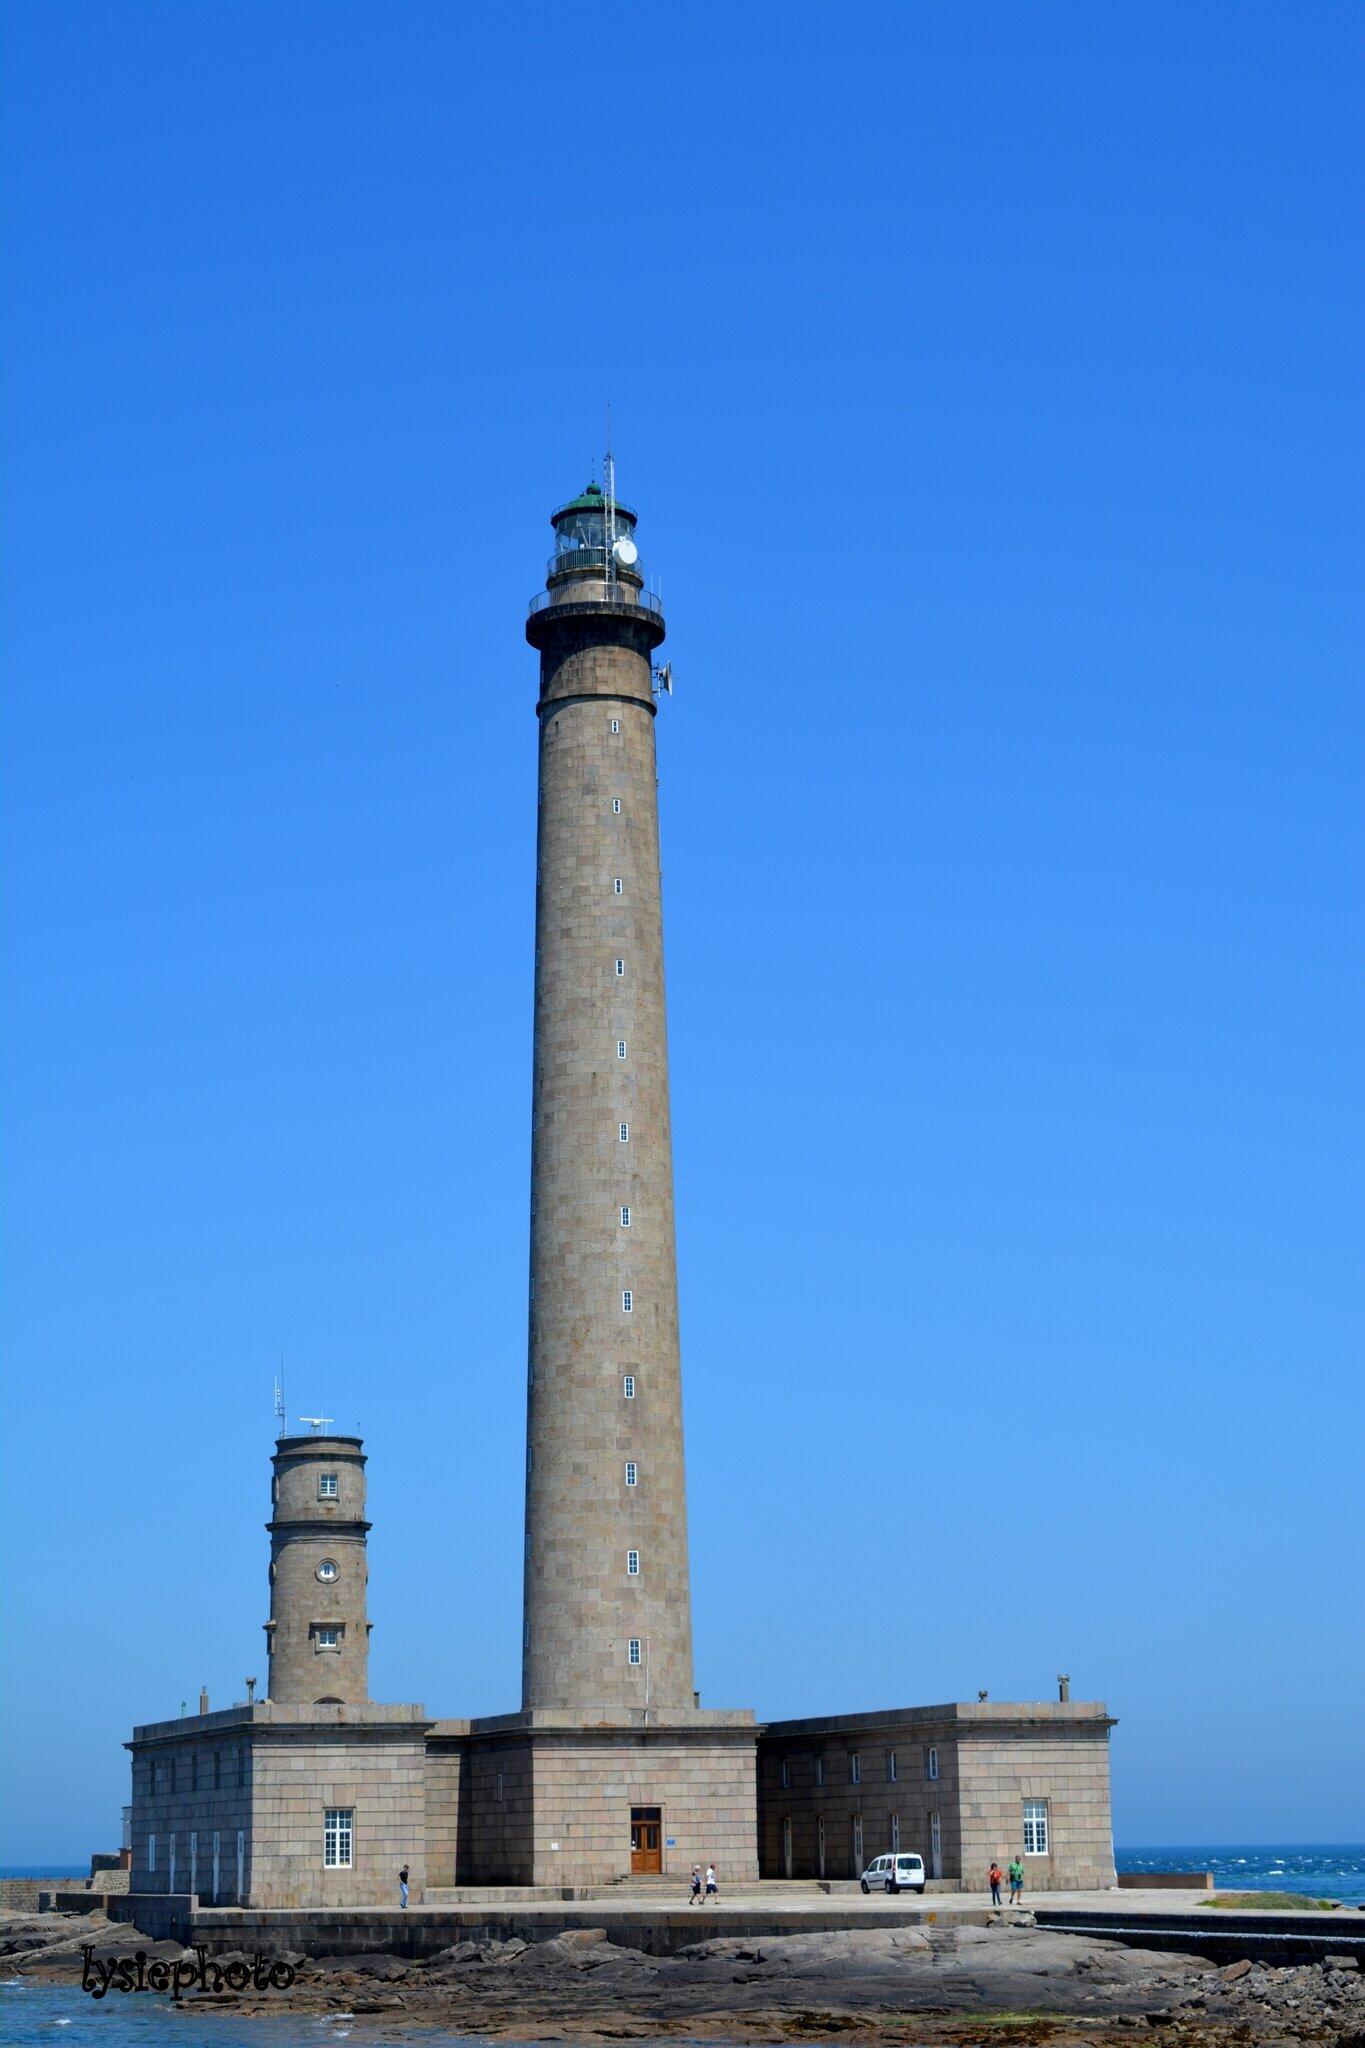 phare de Saint-Vaast-la-Hougue